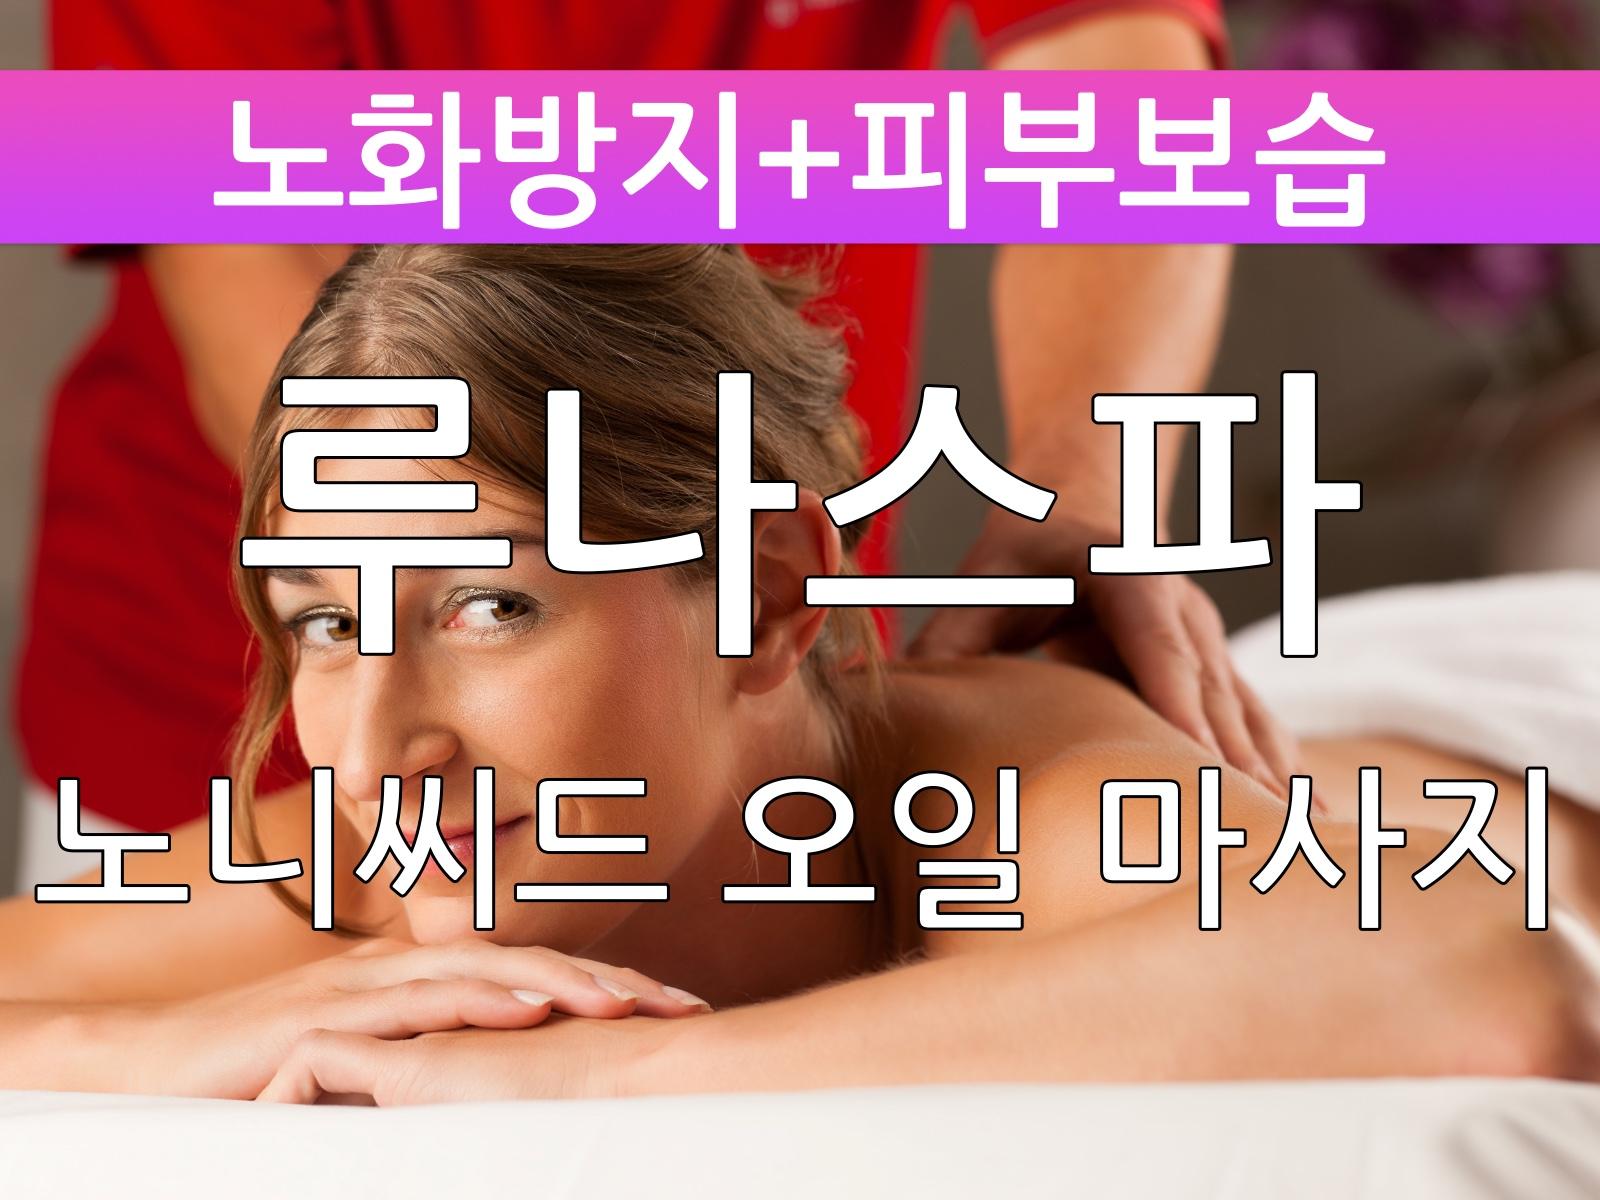 [보라카이 마사지 & 스파] 루나스파 - 노니씨드 오일 마사지(Noni Seed Oil Massage)